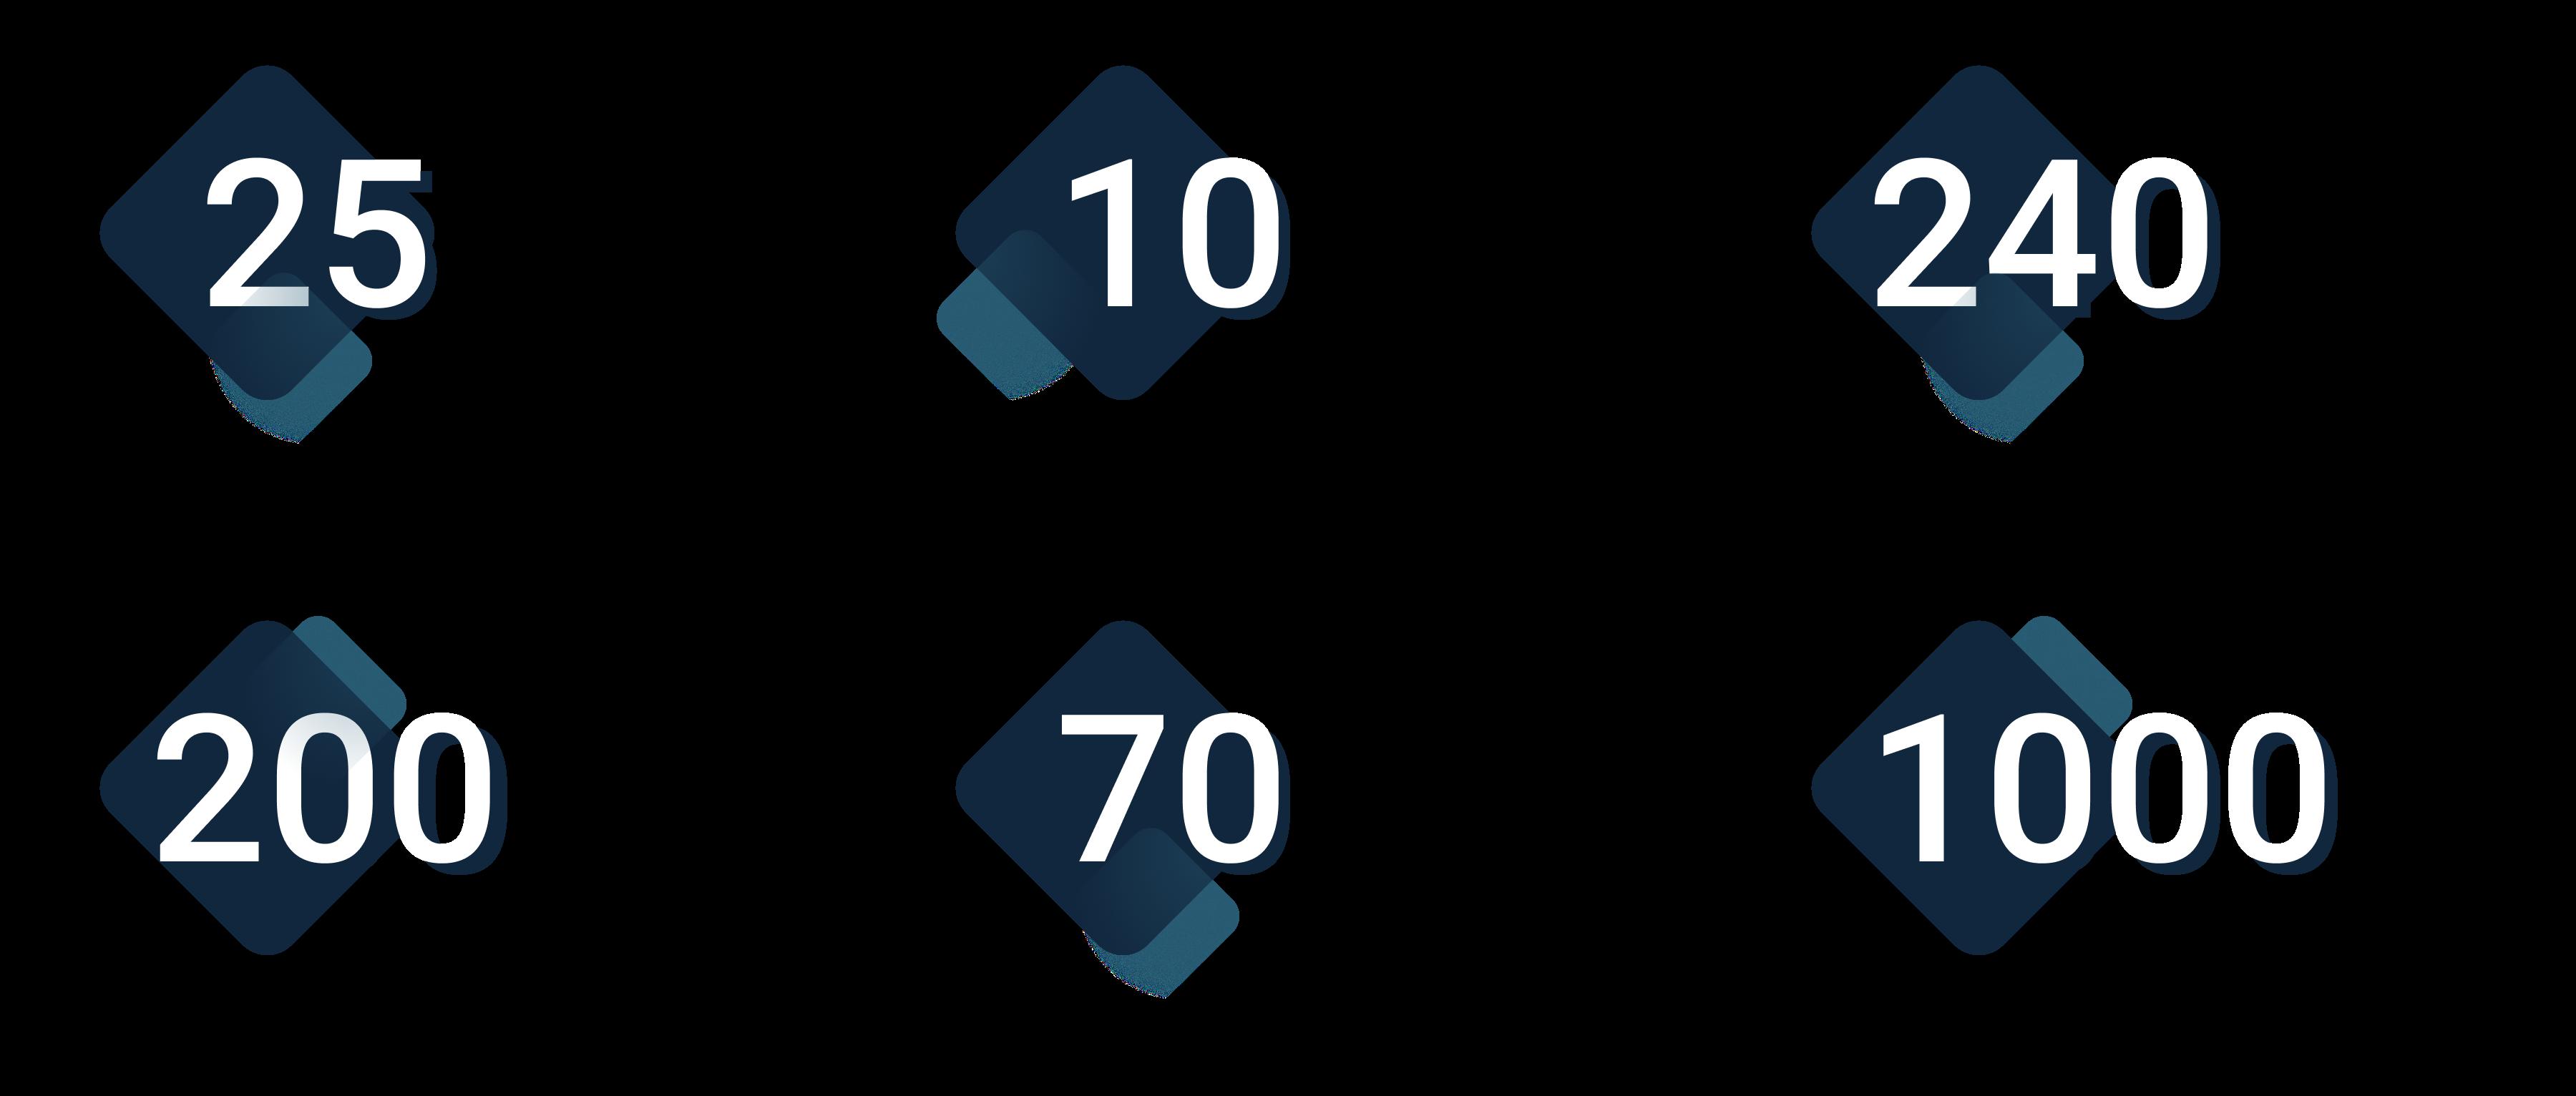 Elcomplus in numbers